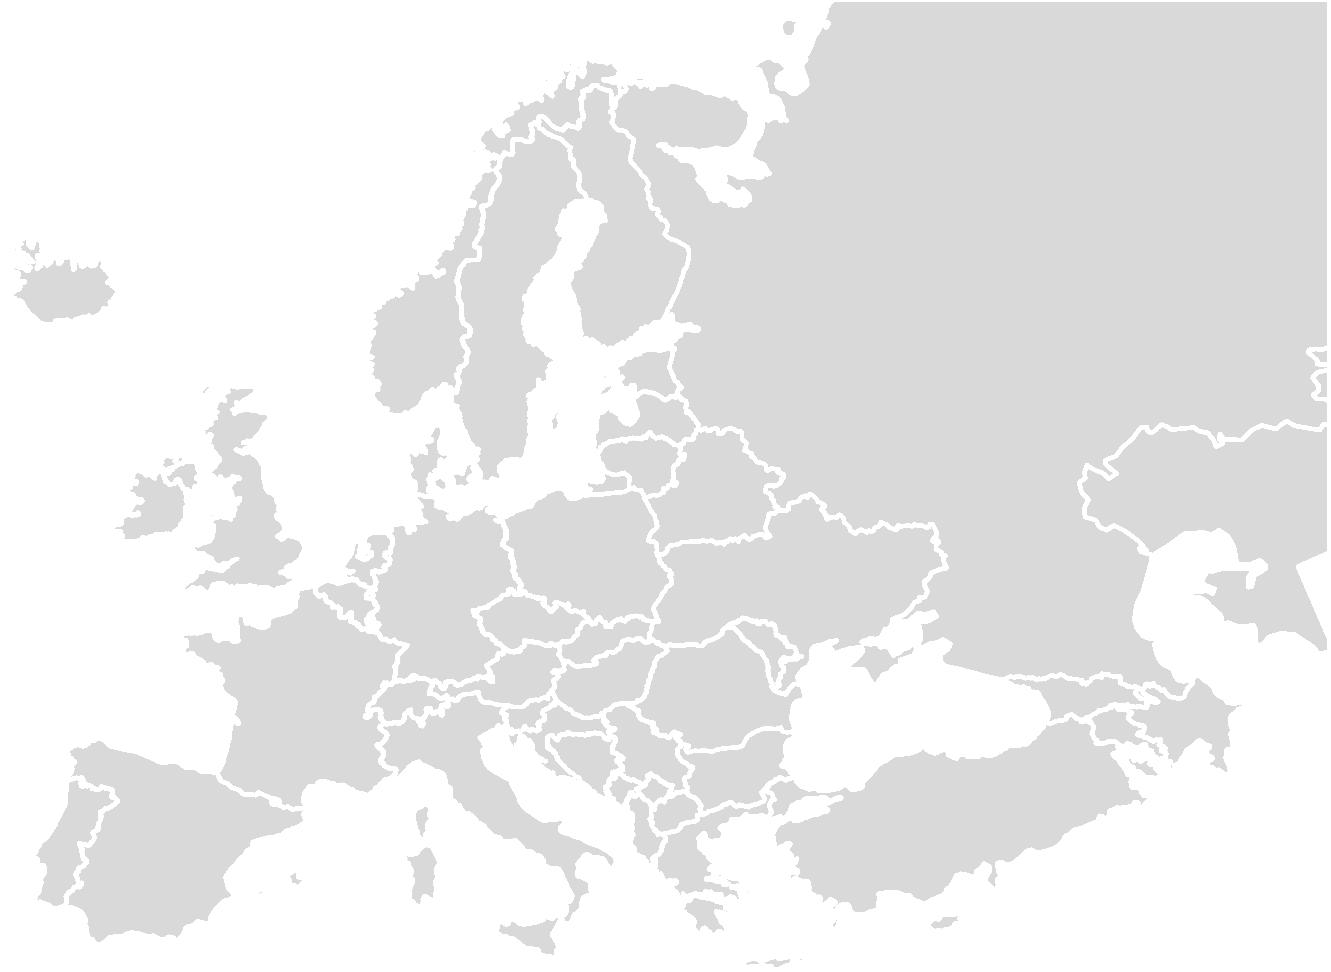 Livraison dans l'europe